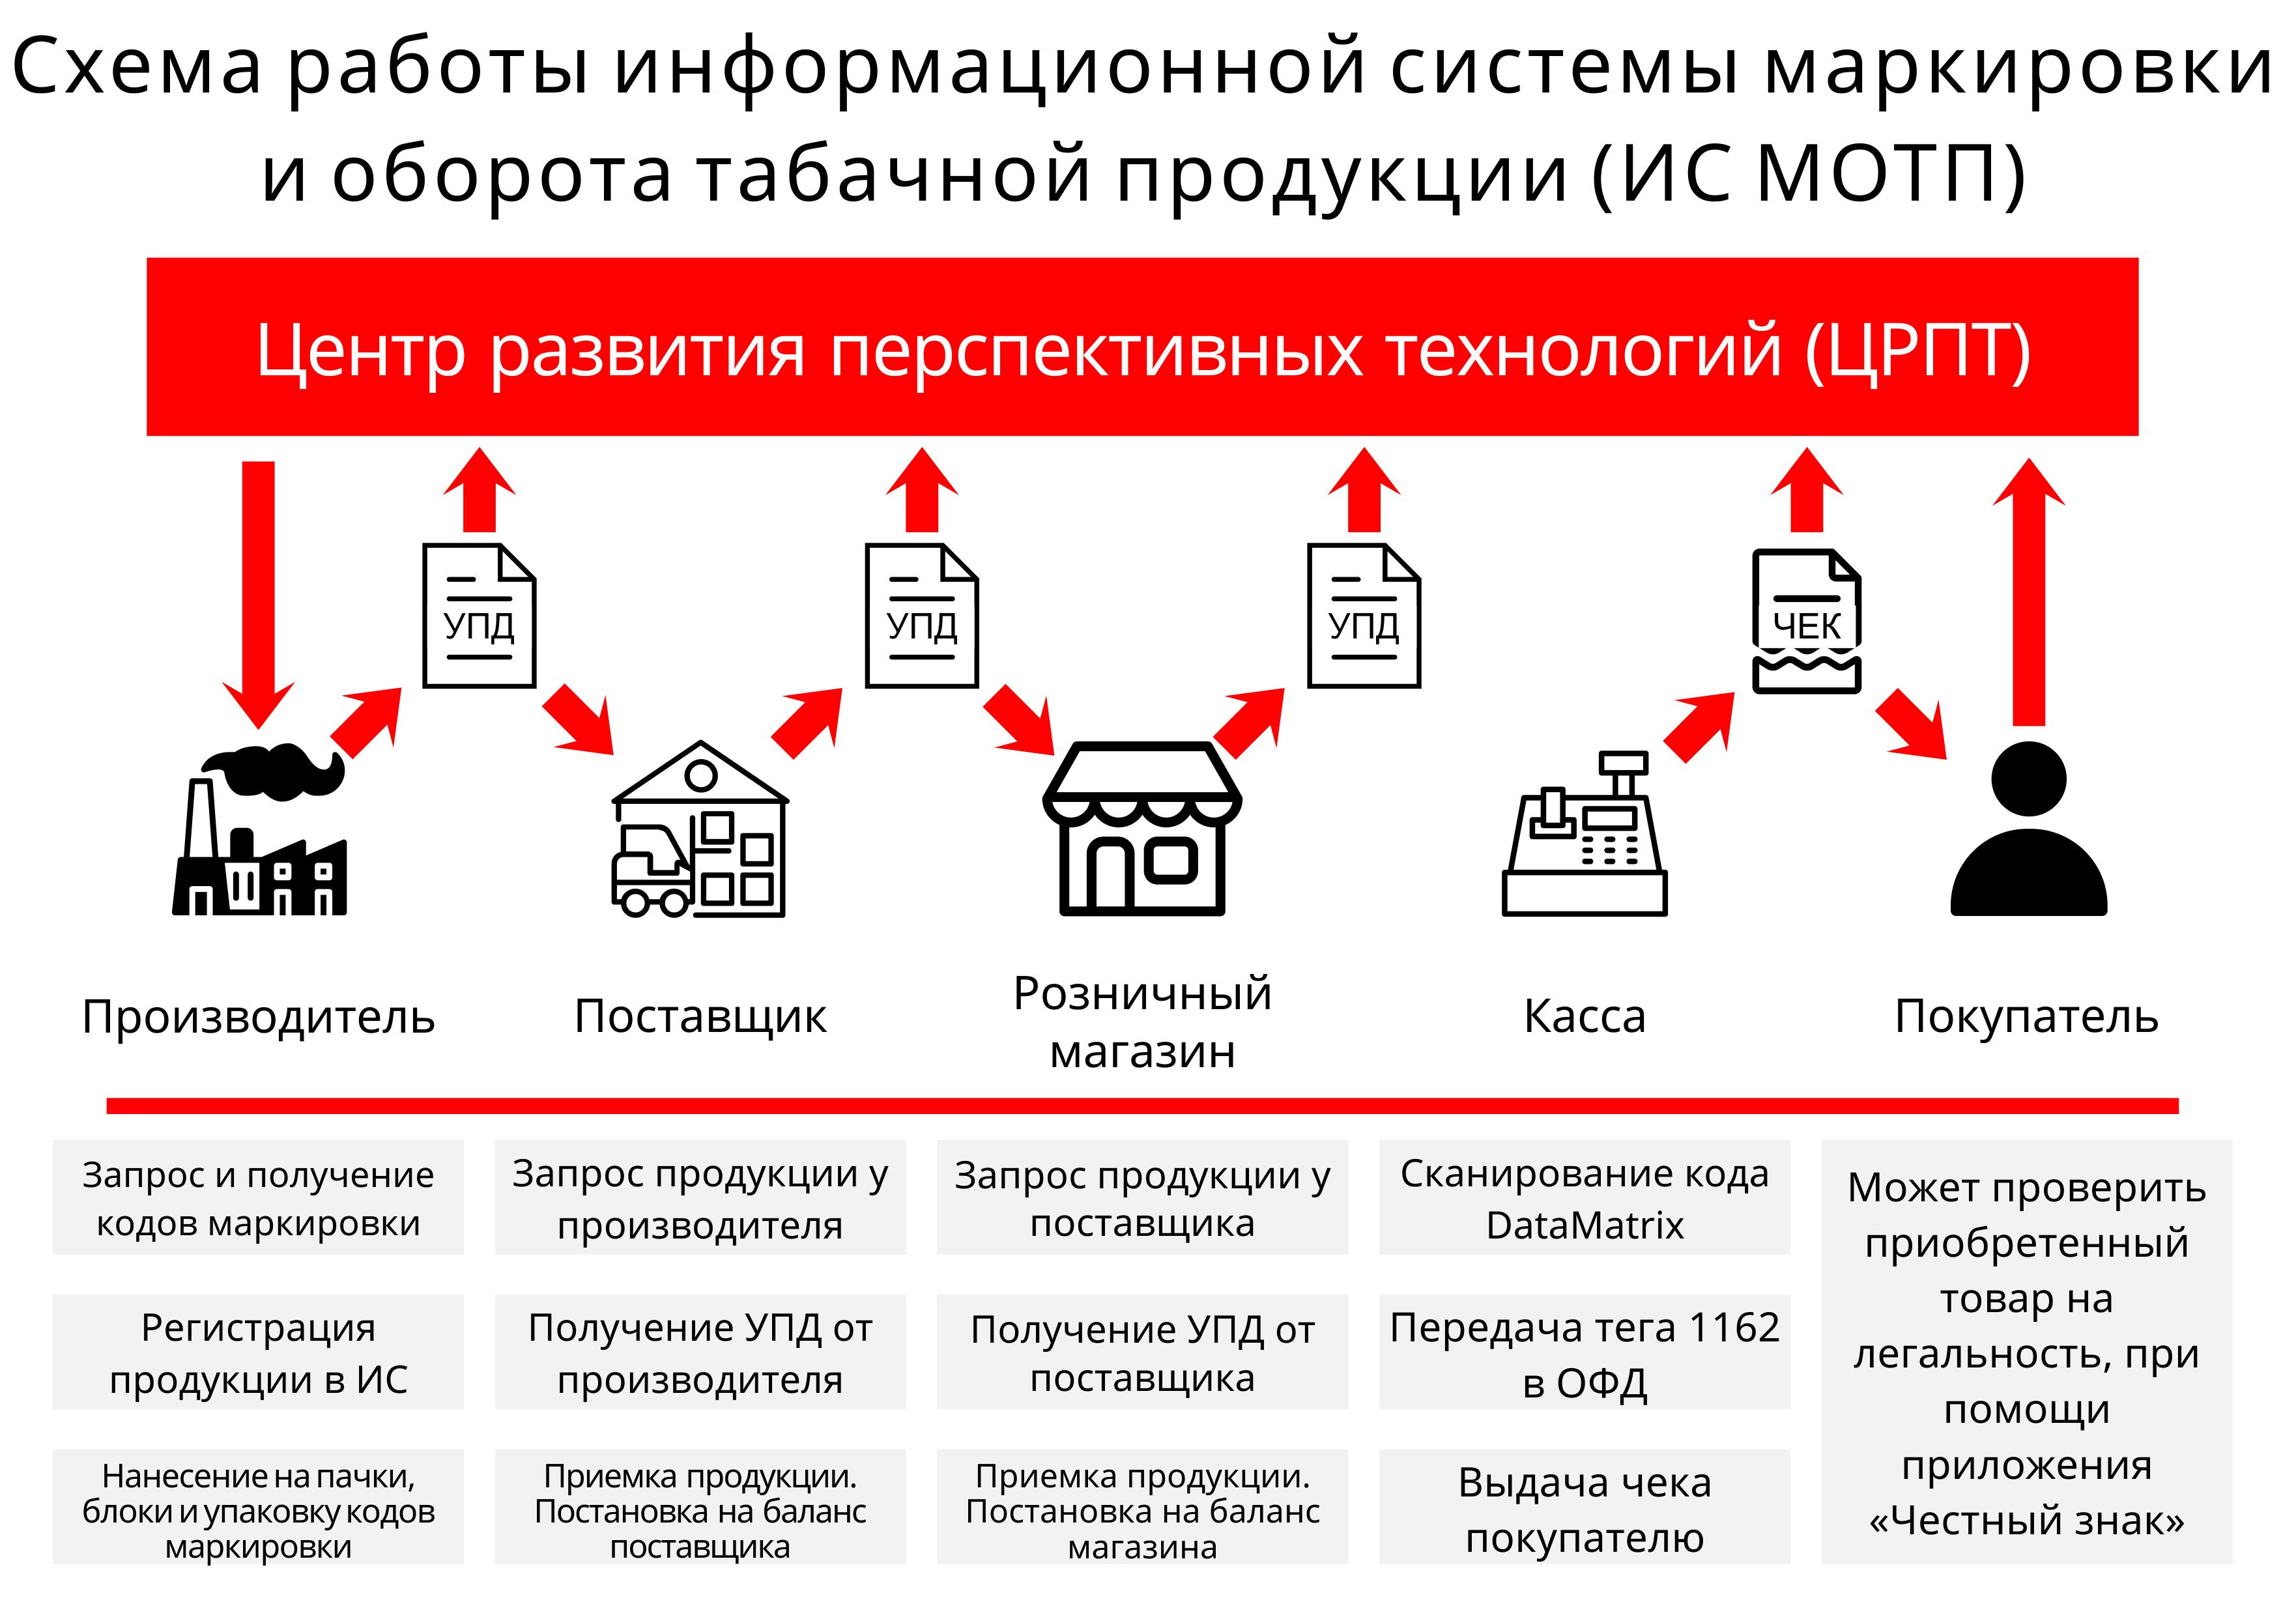 Схема работы информационной системы маркировки